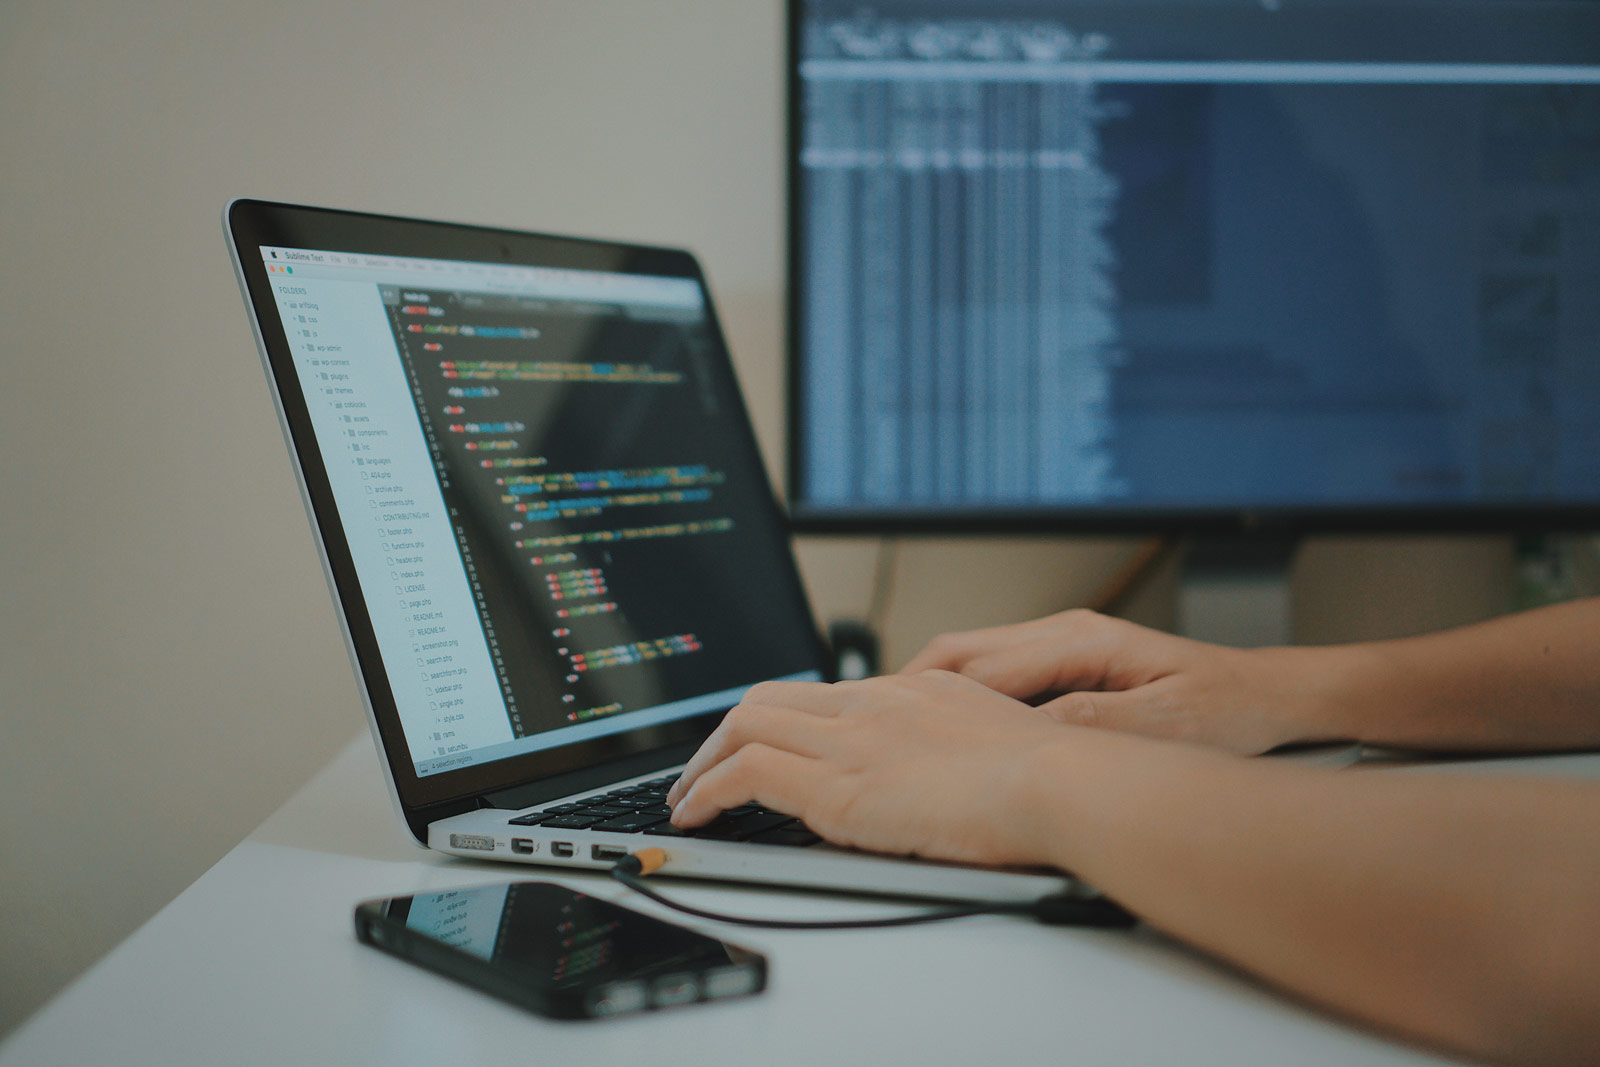 Ofertas de trabajo - IT Recruitment & Talent Acquisition Freelance